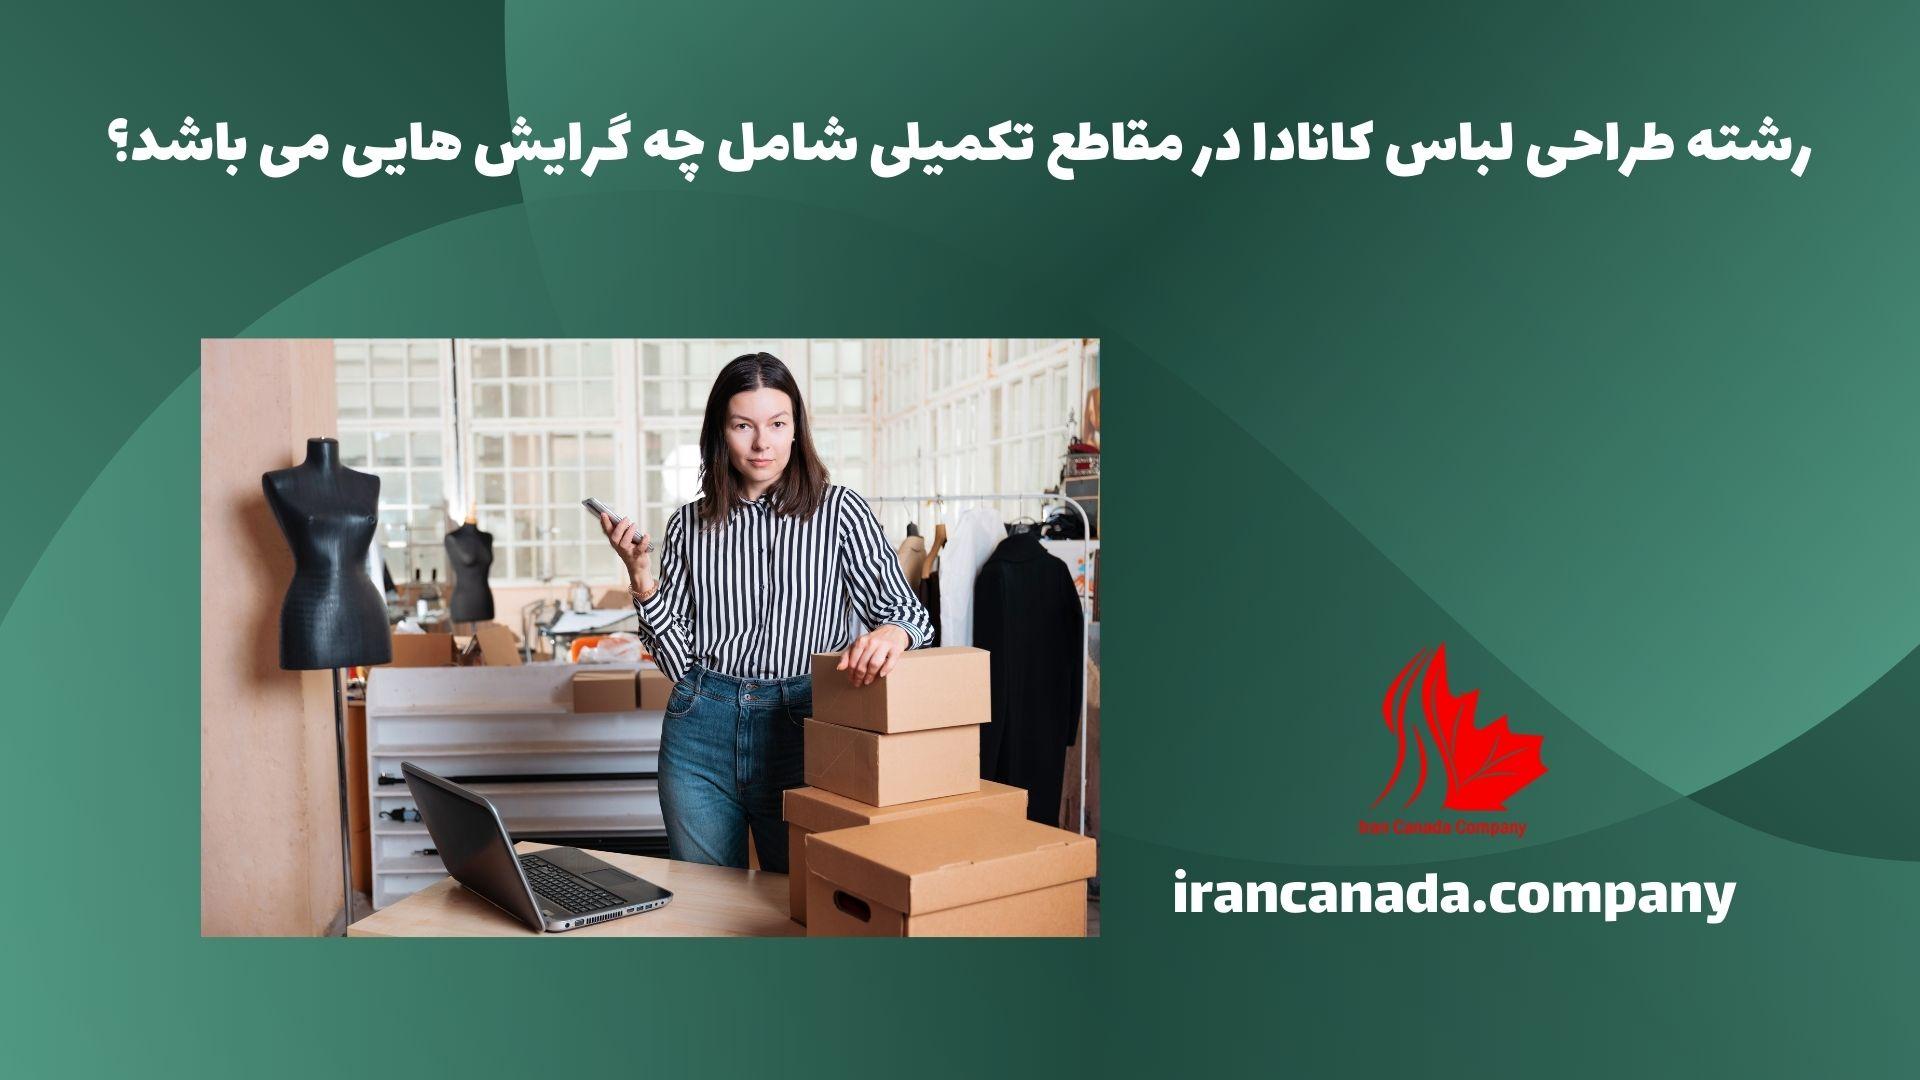 رشته طراحی لباس کانادا در مقاطع تکمیلی شامل چه گرایش هایی می باشد؟